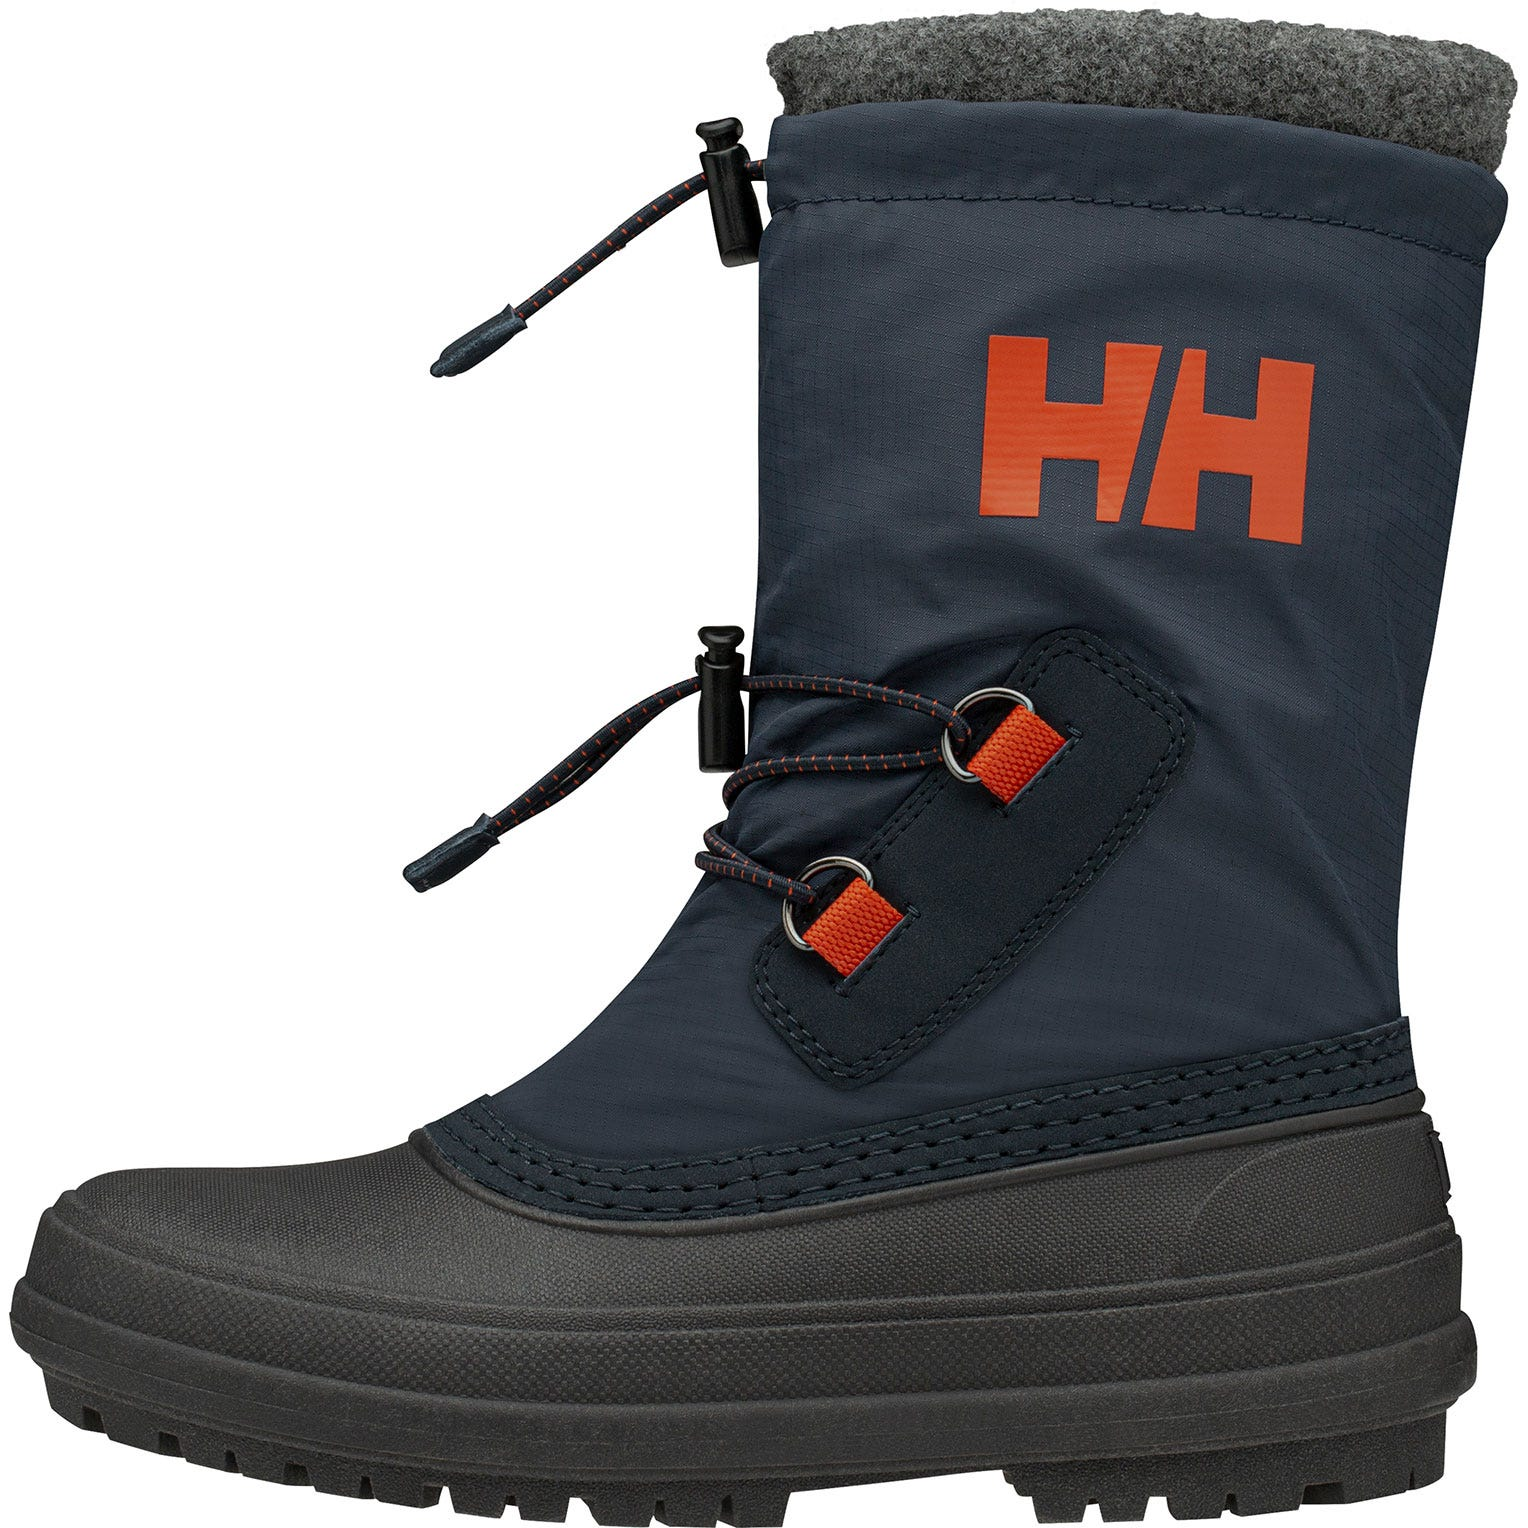 Helly Hansen Kids Varanger Insulated Boots Navy US 7/EU 24